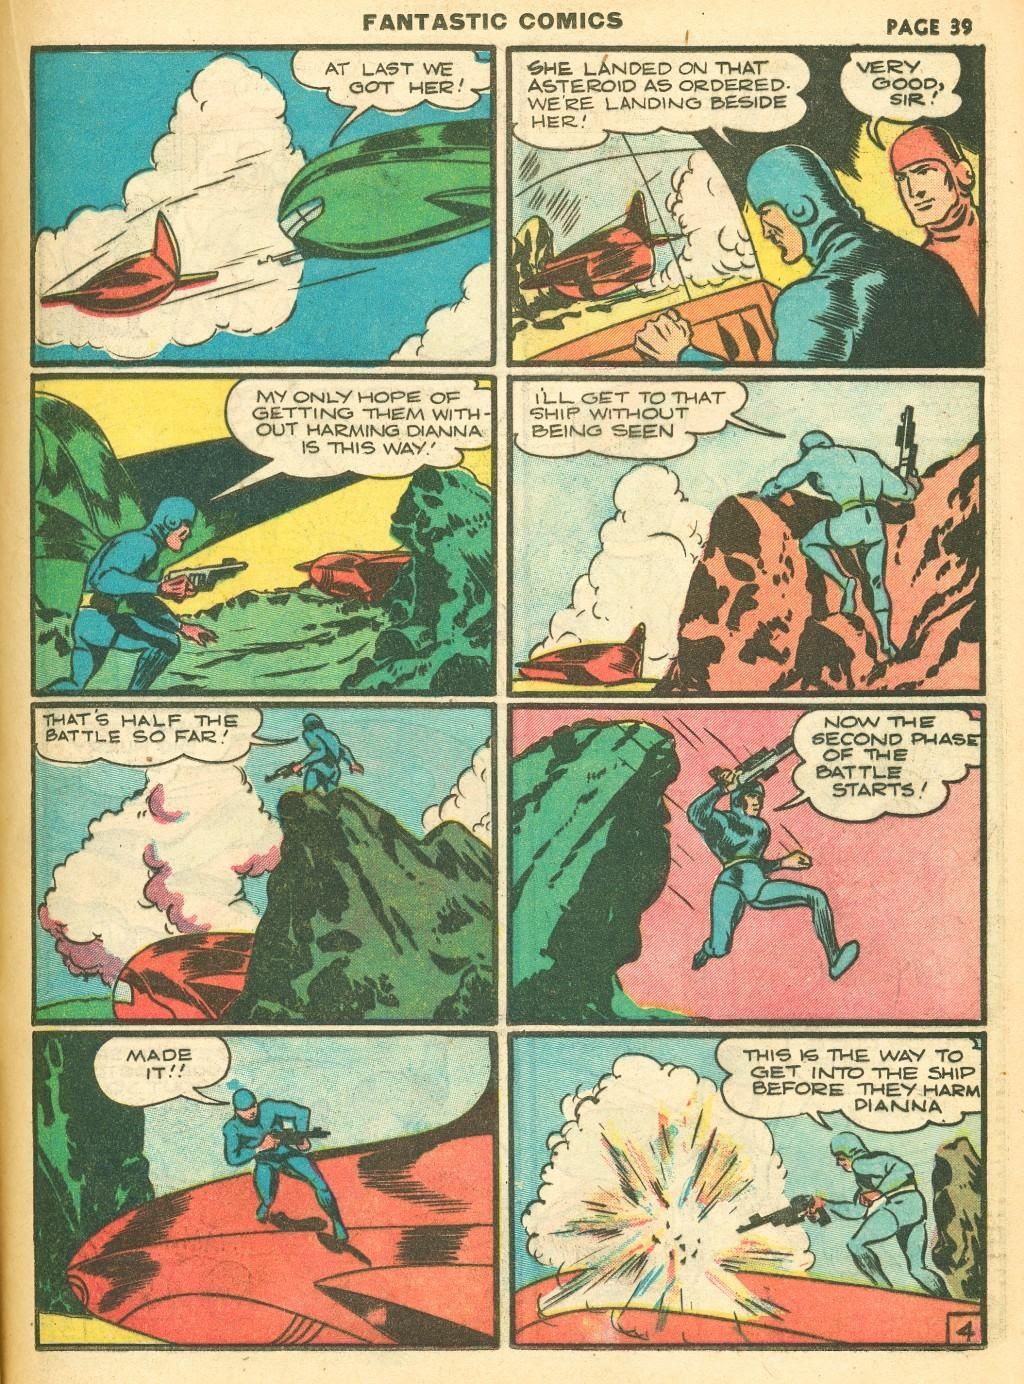 Read online Fantastic Comics comic -  Issue #12 - 41